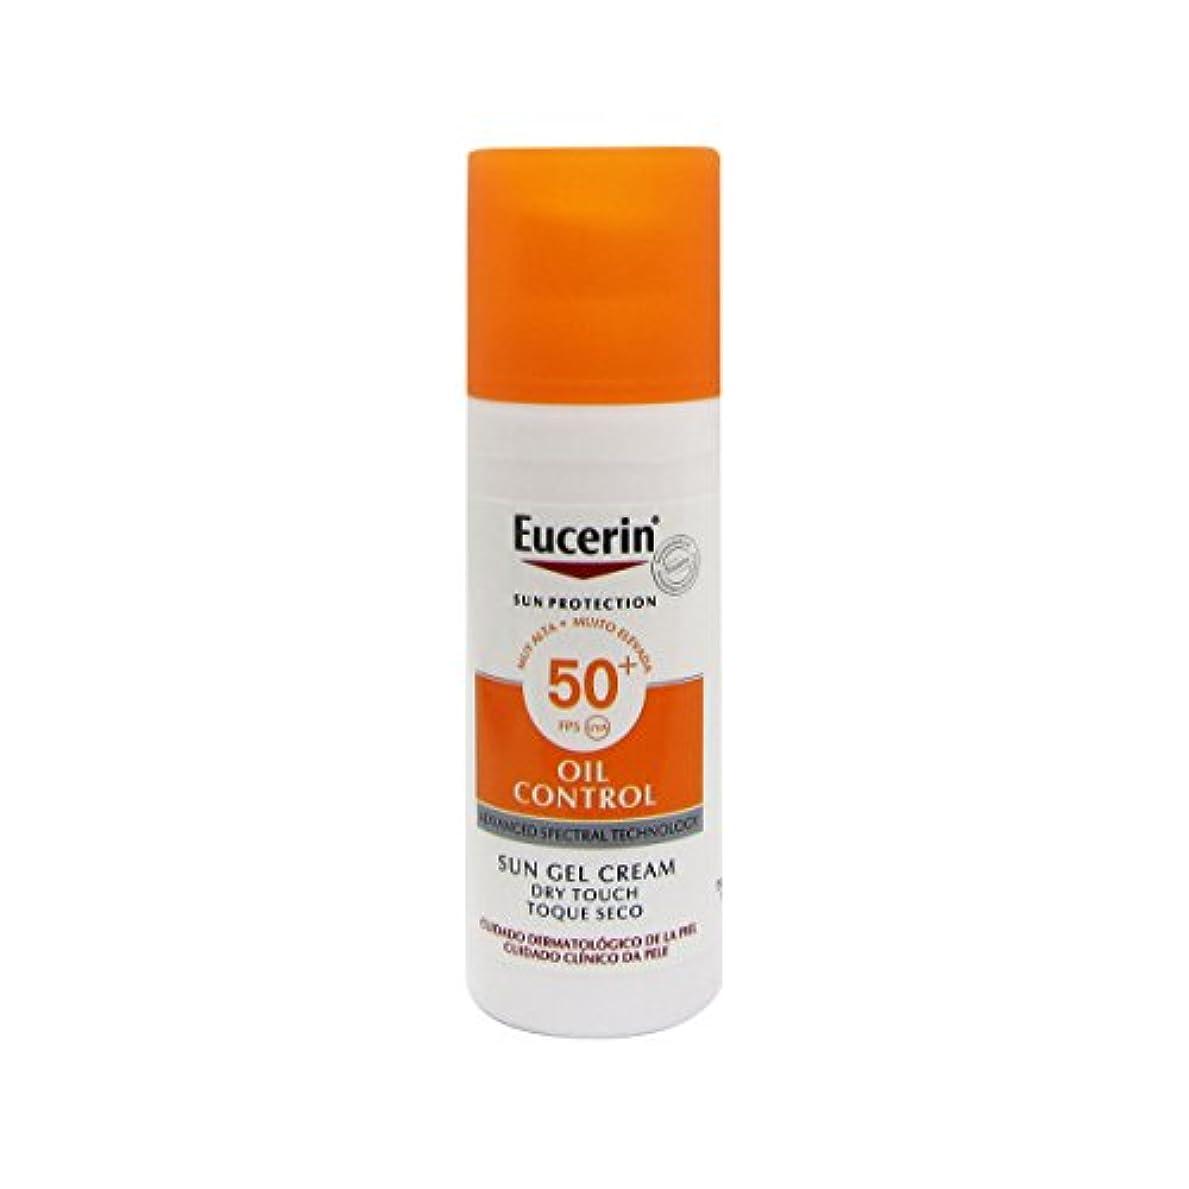 ピアノを弾く振動させるEucerin Sun Face Oil Control Gel-cream Spf50 50ml [並行輸入品]